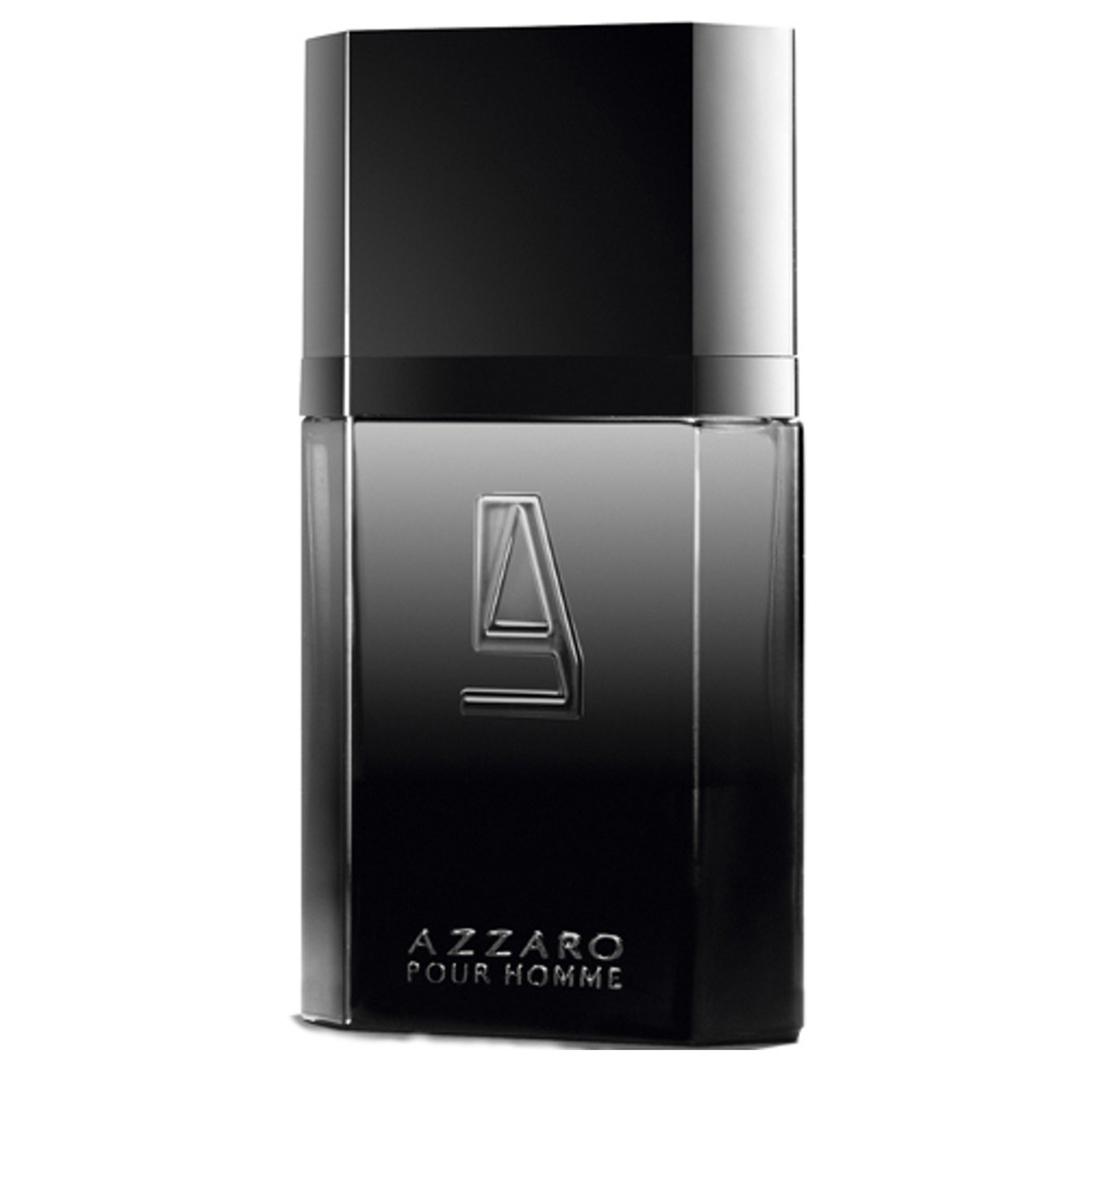 AZZARO - NIGHT TIME EDT 100 ML